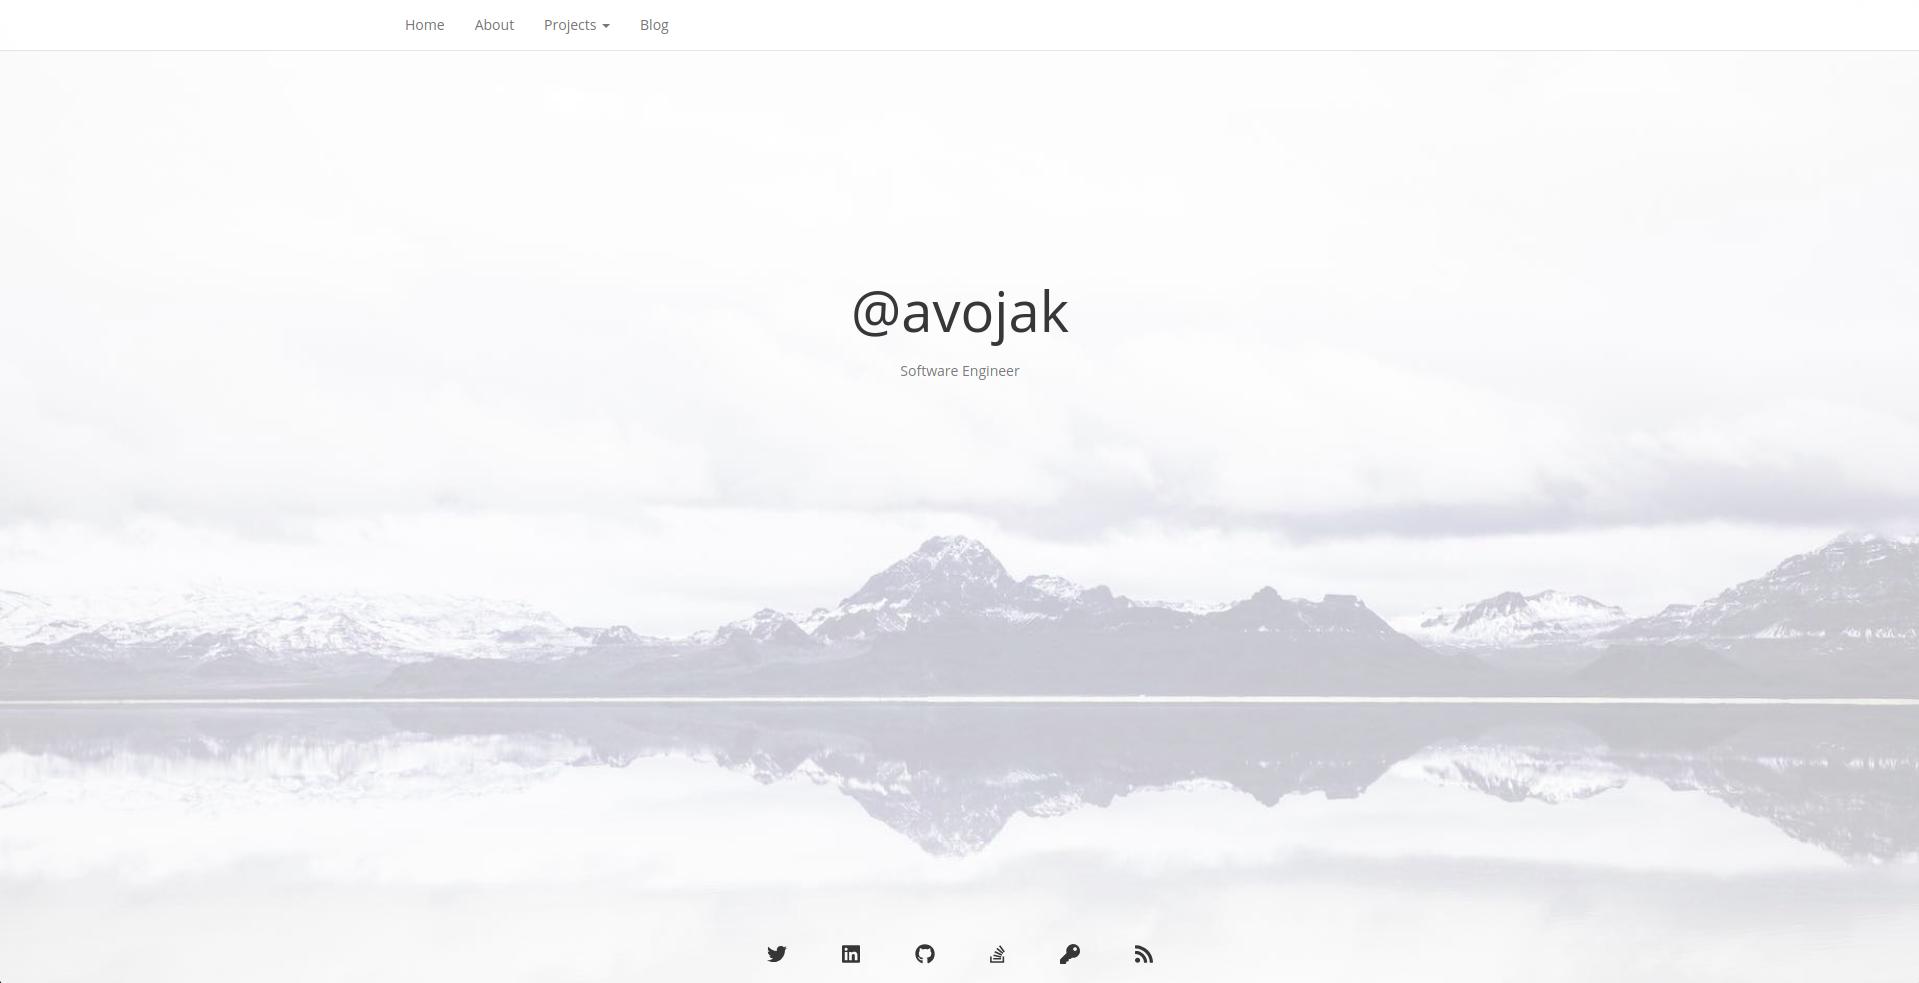 avojak.com